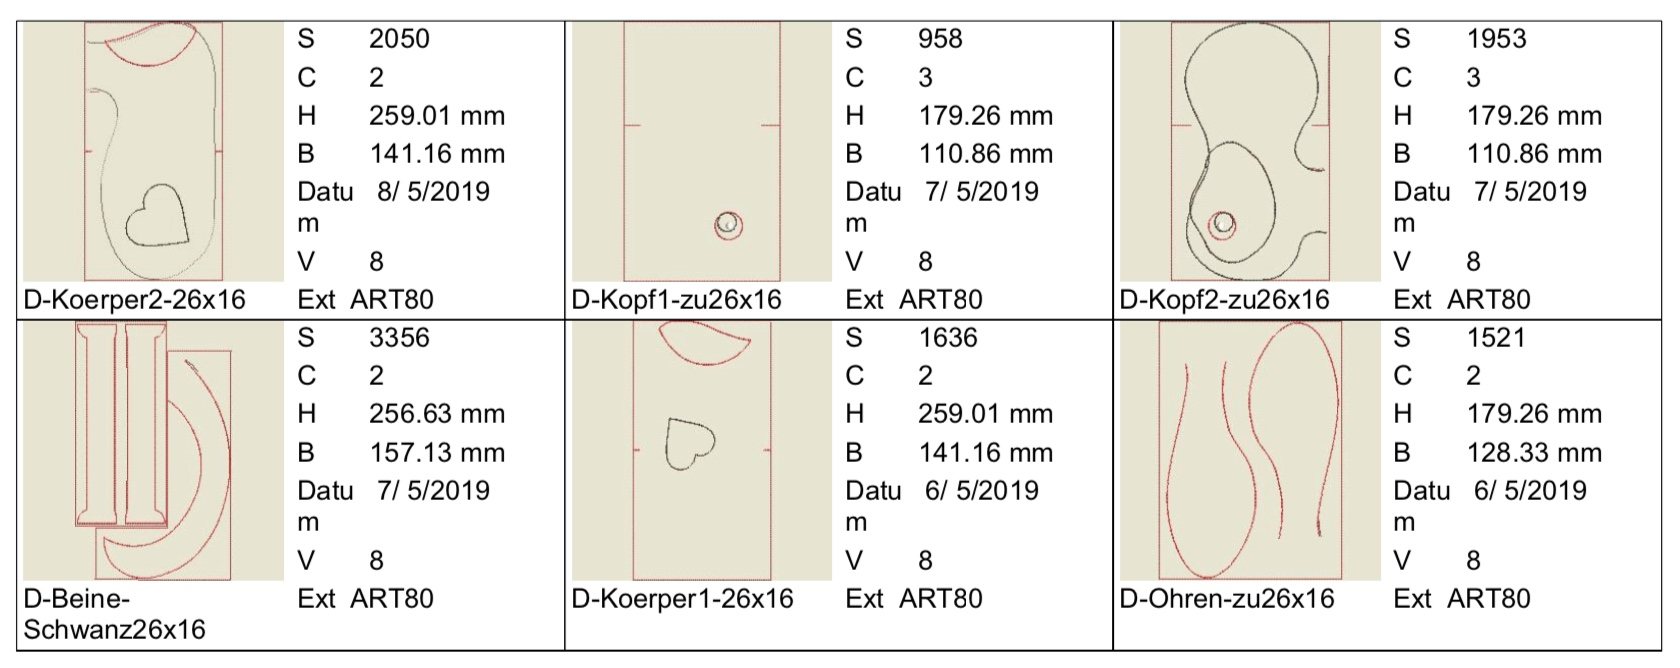 DK26x16